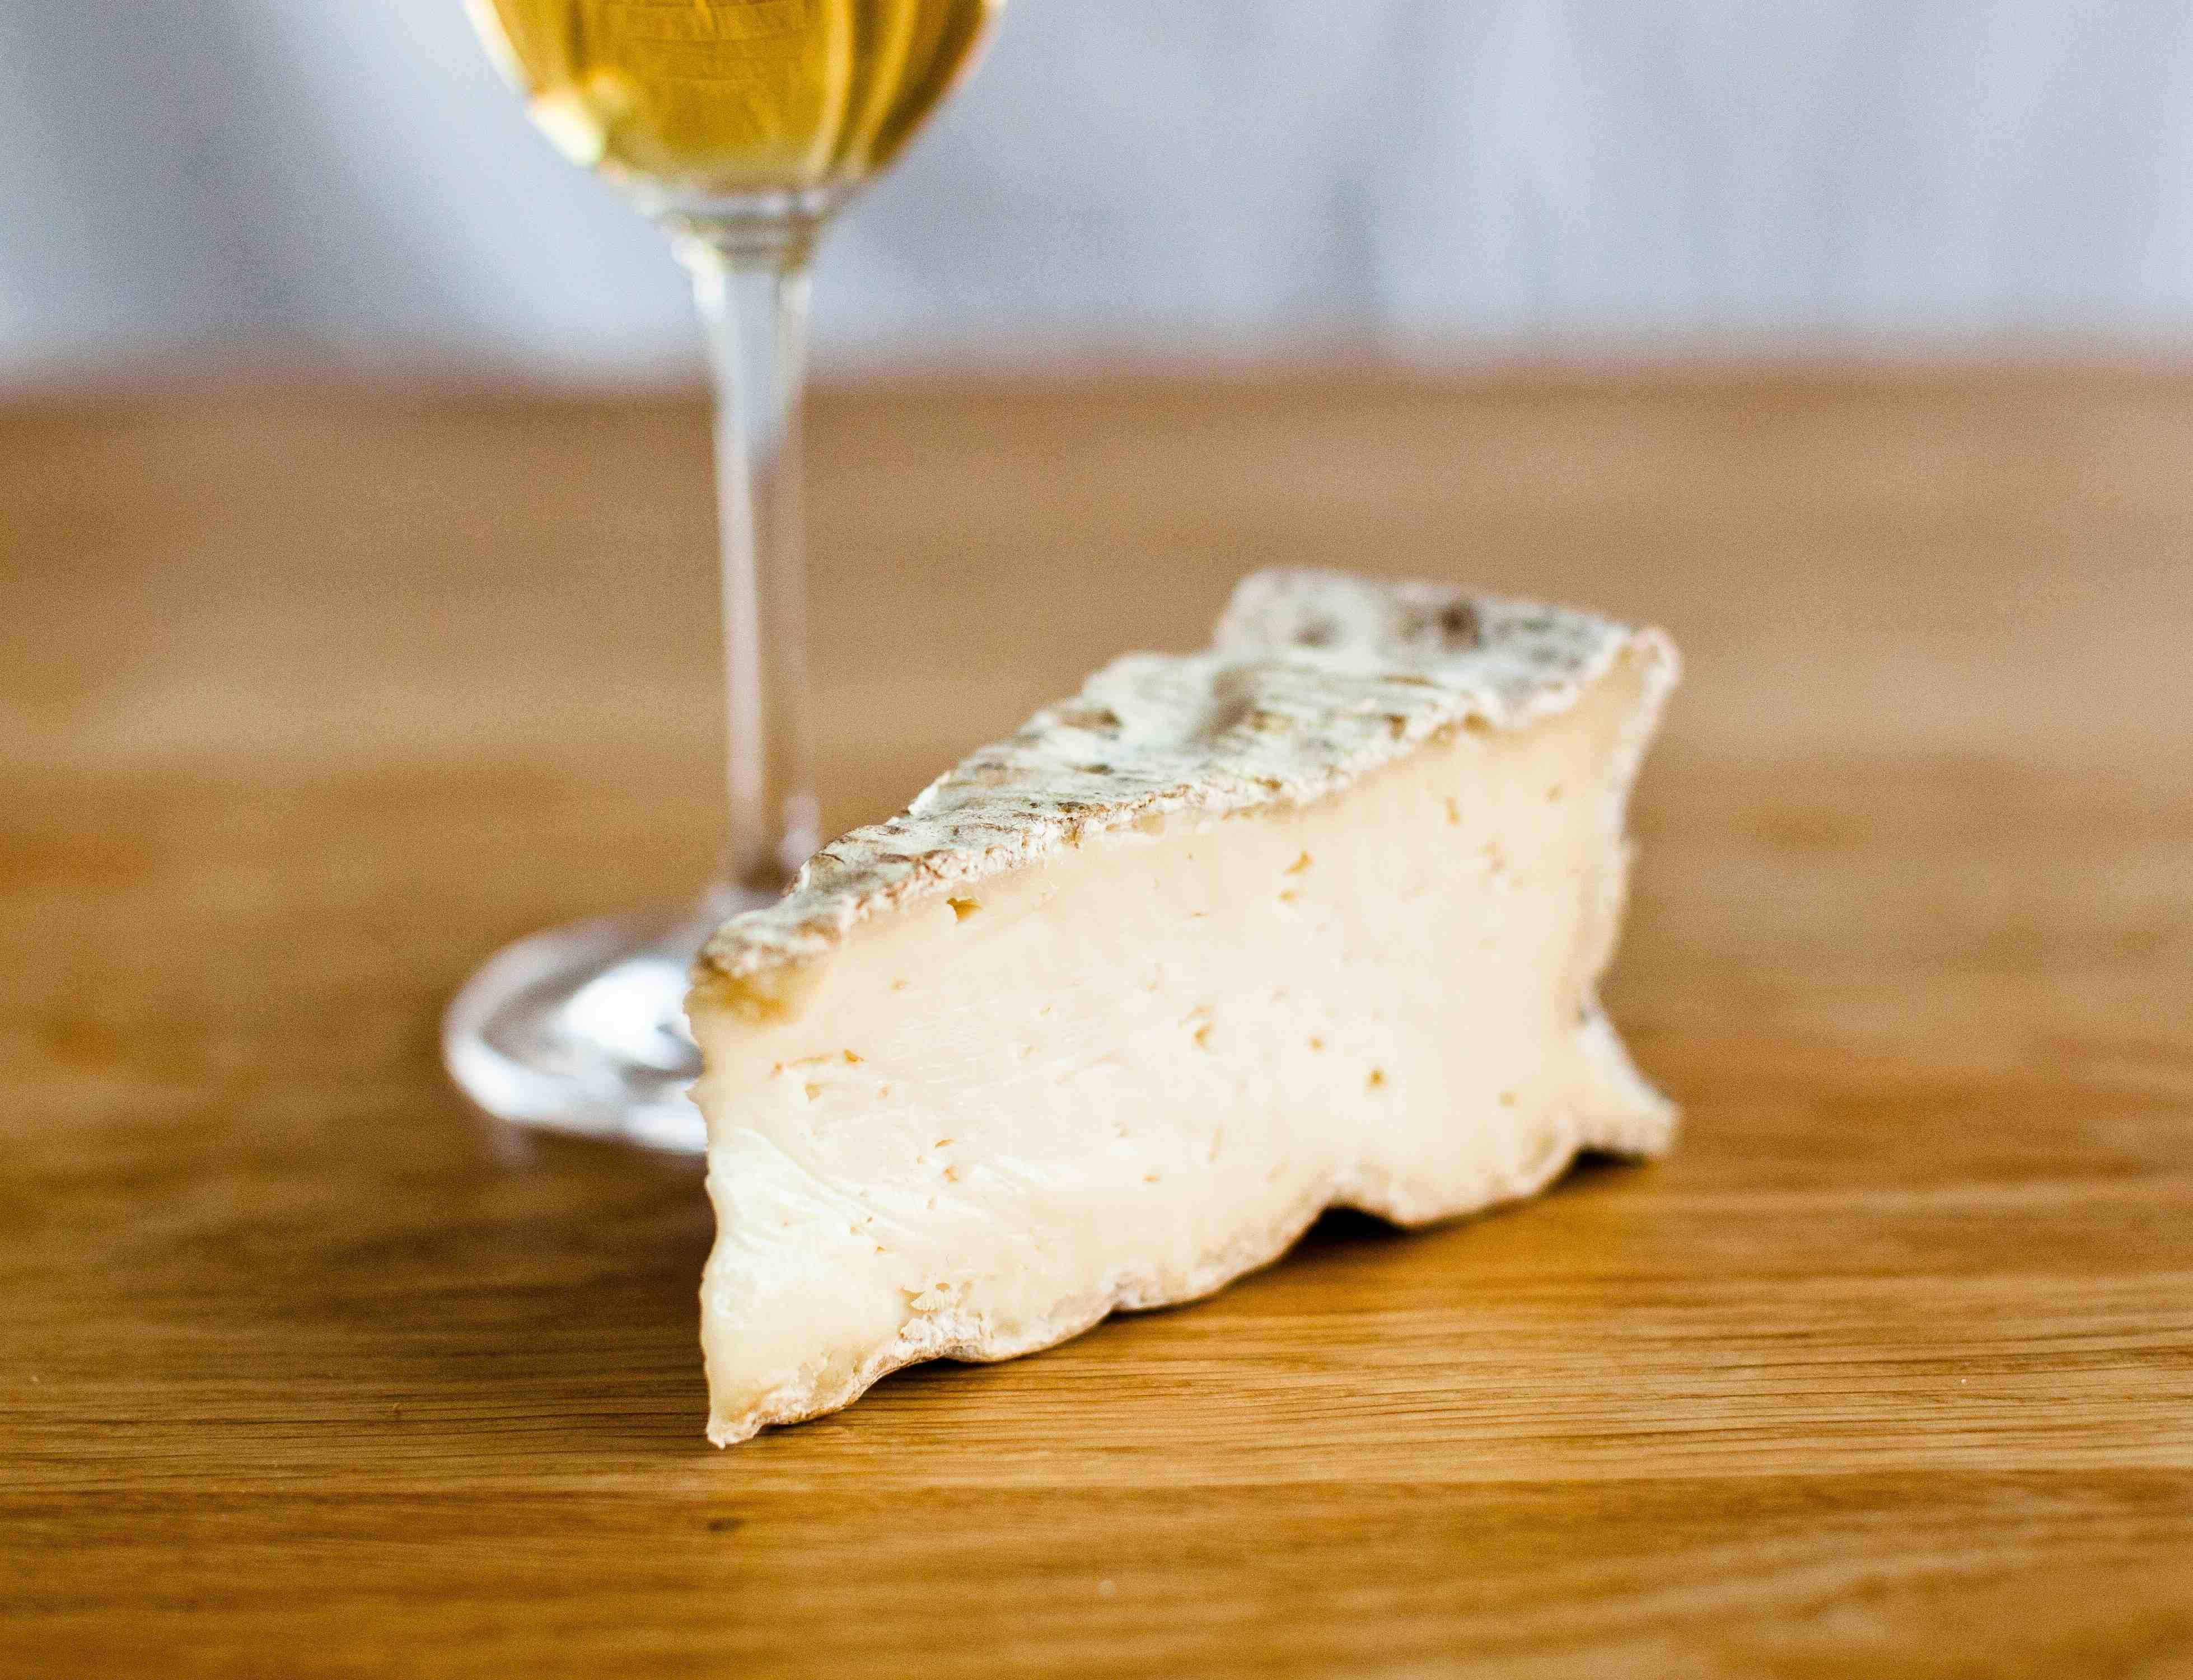 Skal finne oster som passer til en tysk Auslese. Ost og søt vin er en veldig gangbar kombinasjon.